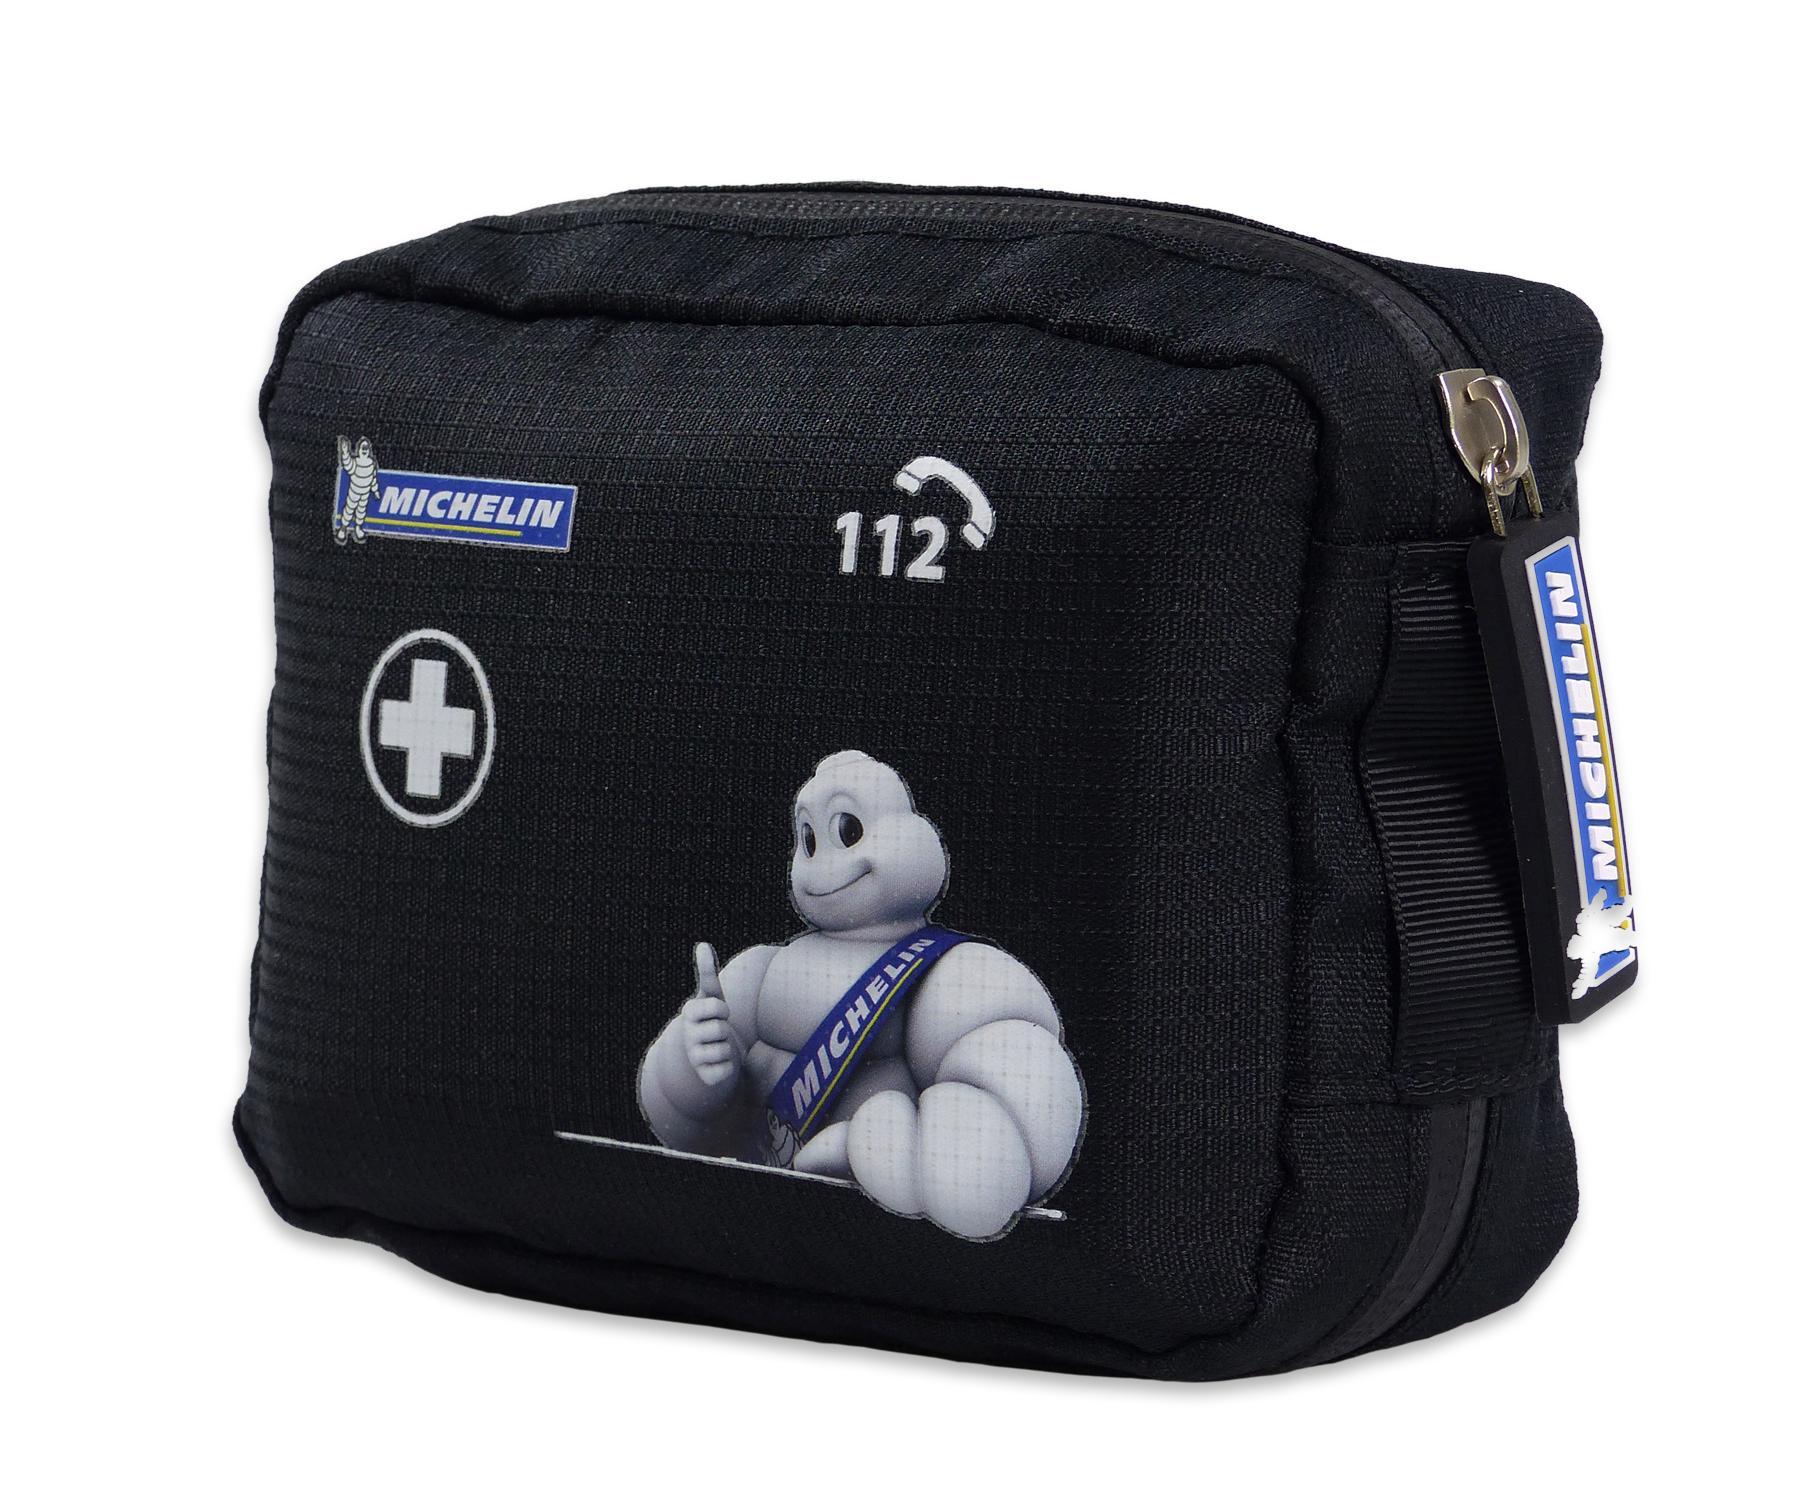 009531 Kit di pronto soccorso per auto Michelin esperienza a prezzi scontati